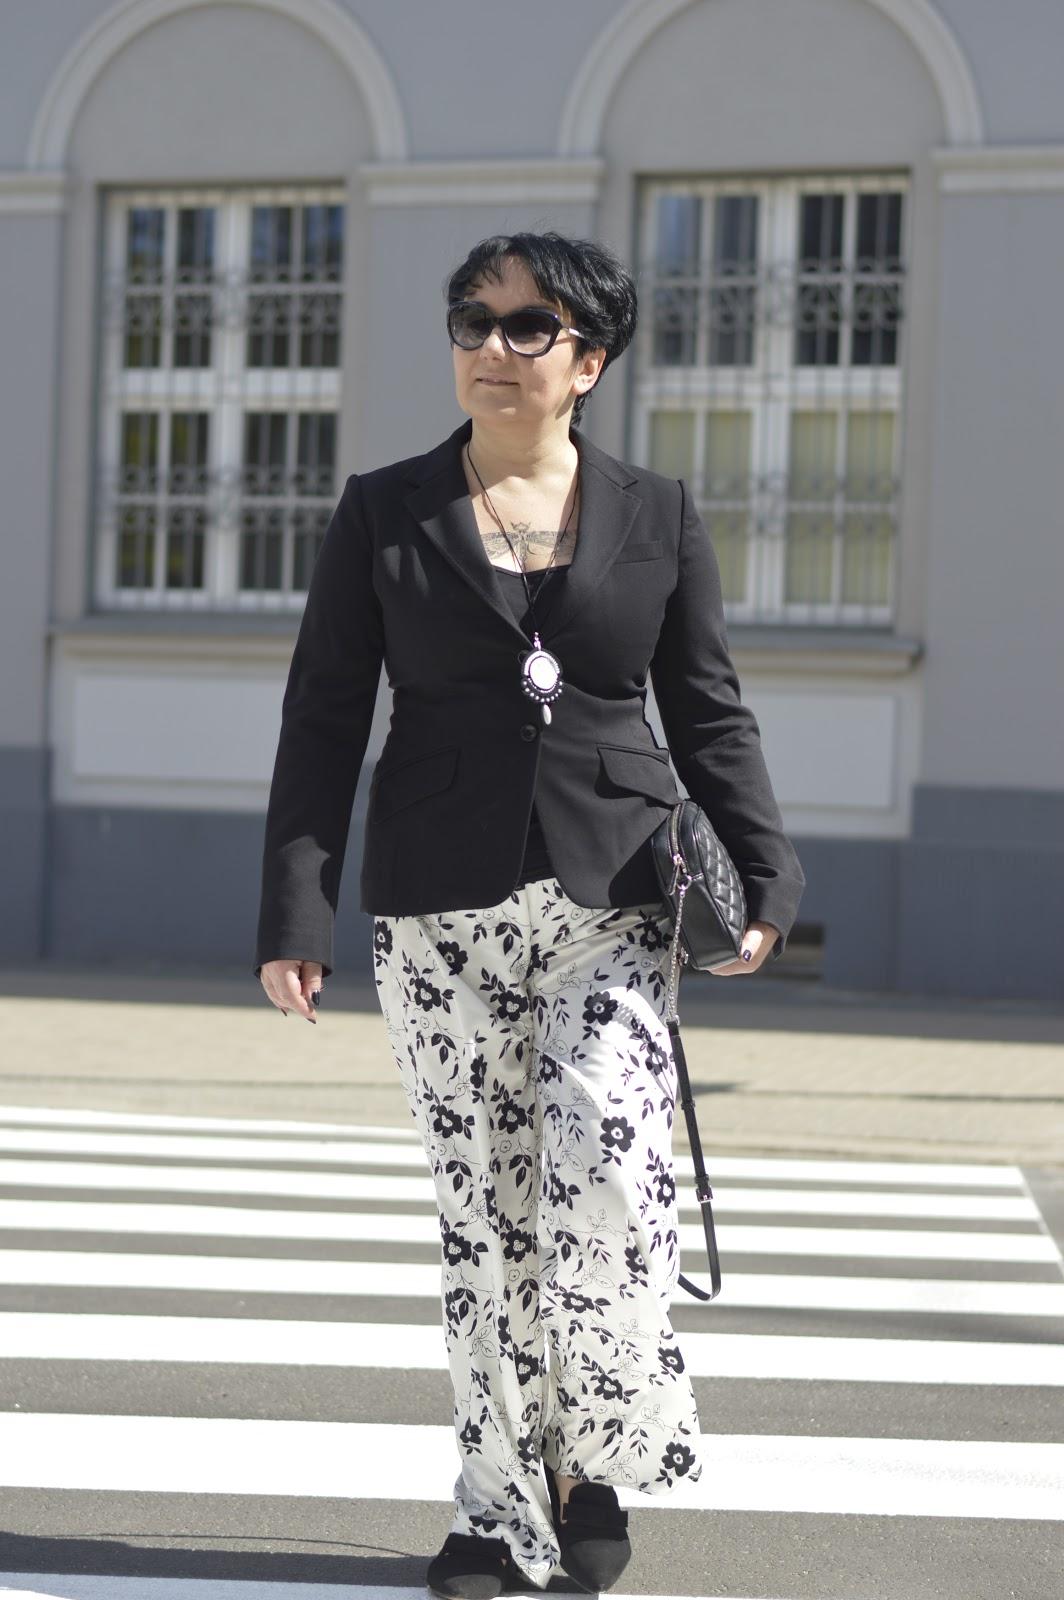 Black and white stylisation, Black and white fashion, H&M jacket